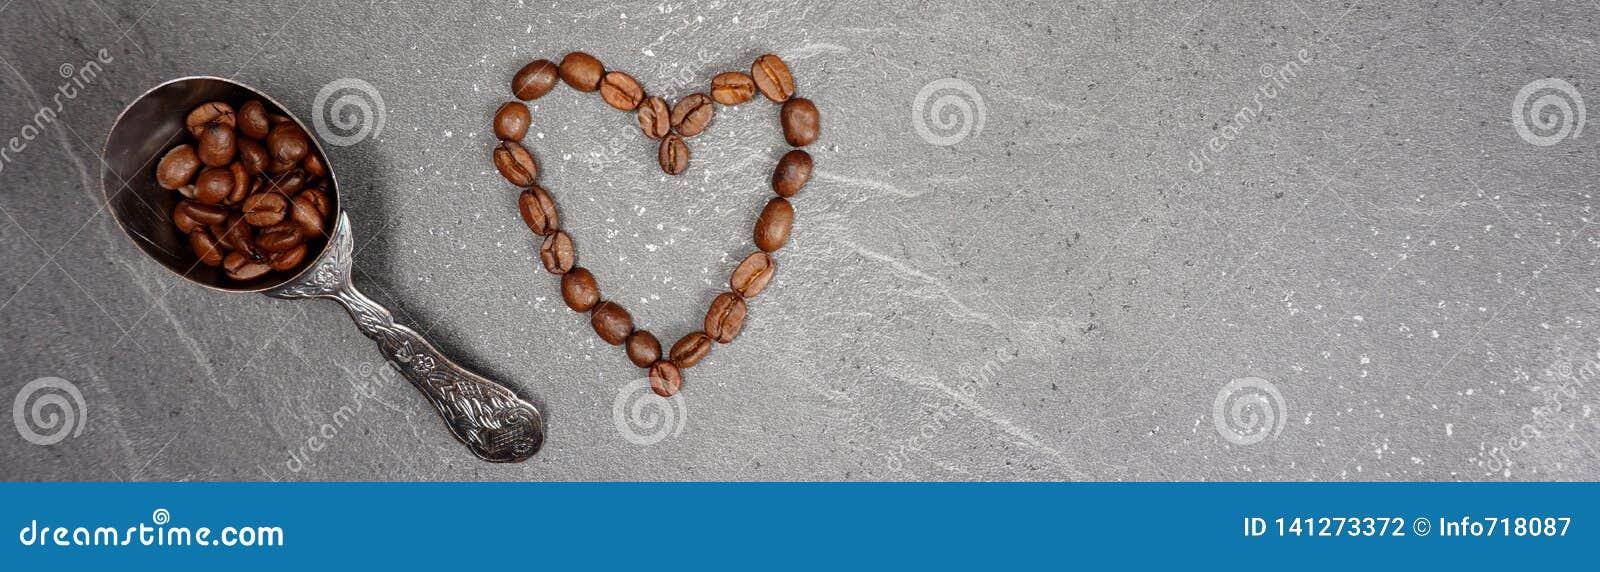 Coração dos feijões de café dos feijões de comércio justos com a colher no fundo cinzento do worktop da cozinha